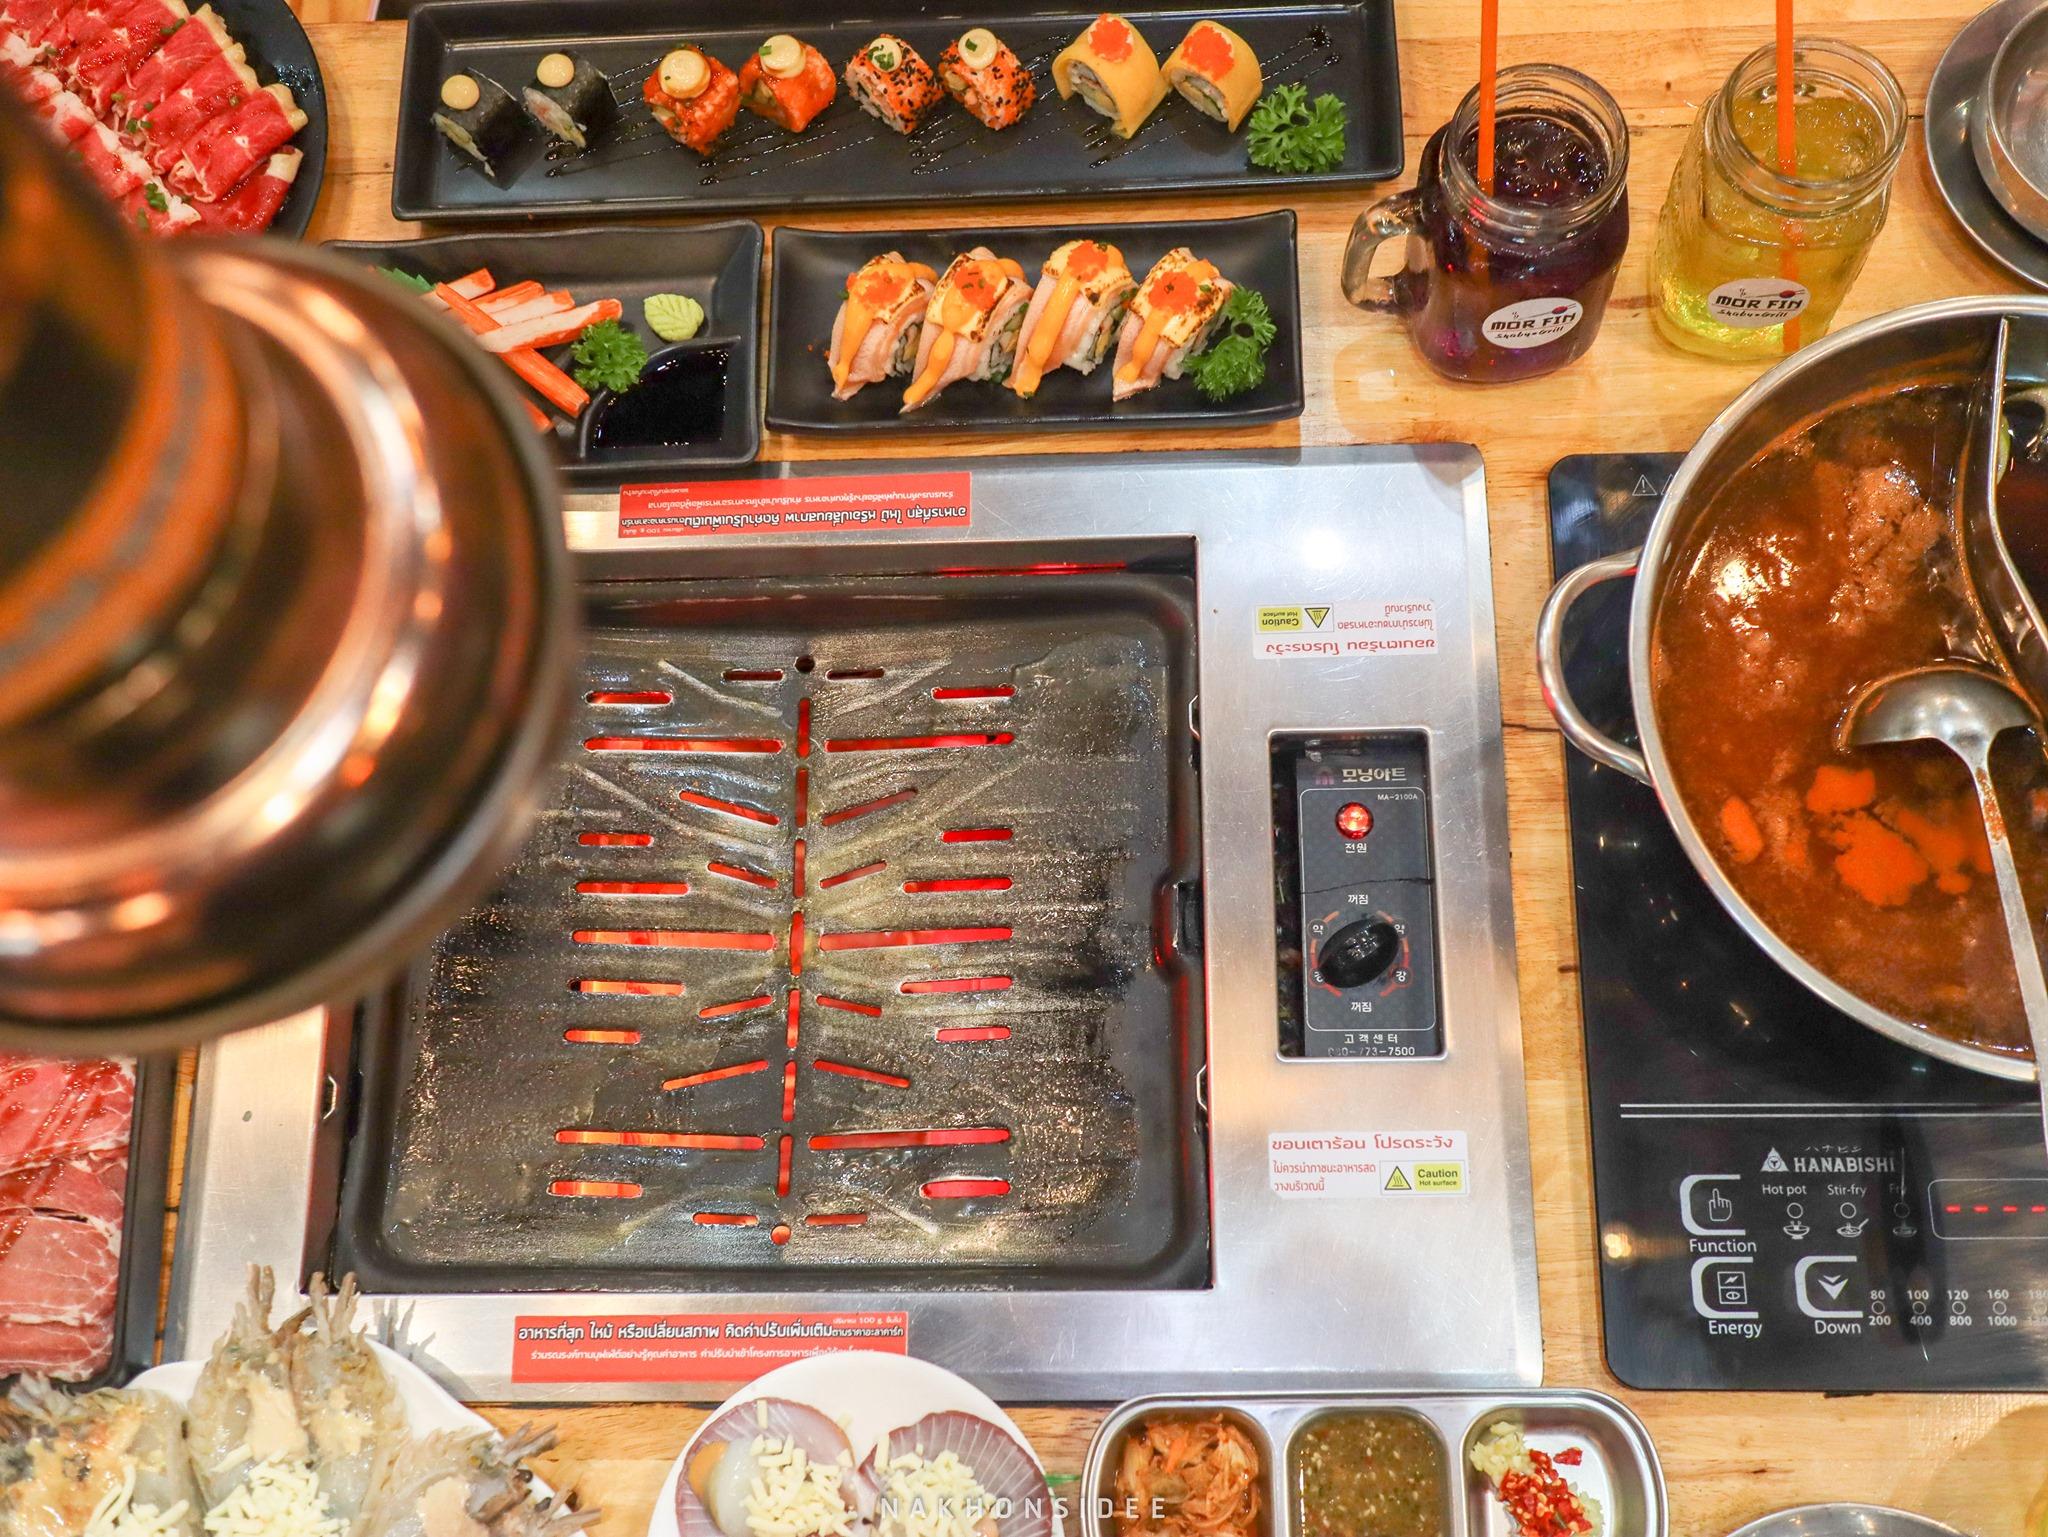 ชาบู,ปิ้งย่าง,มอฟิน,นครศรี,กุ้งย่างชีส,อร่อย